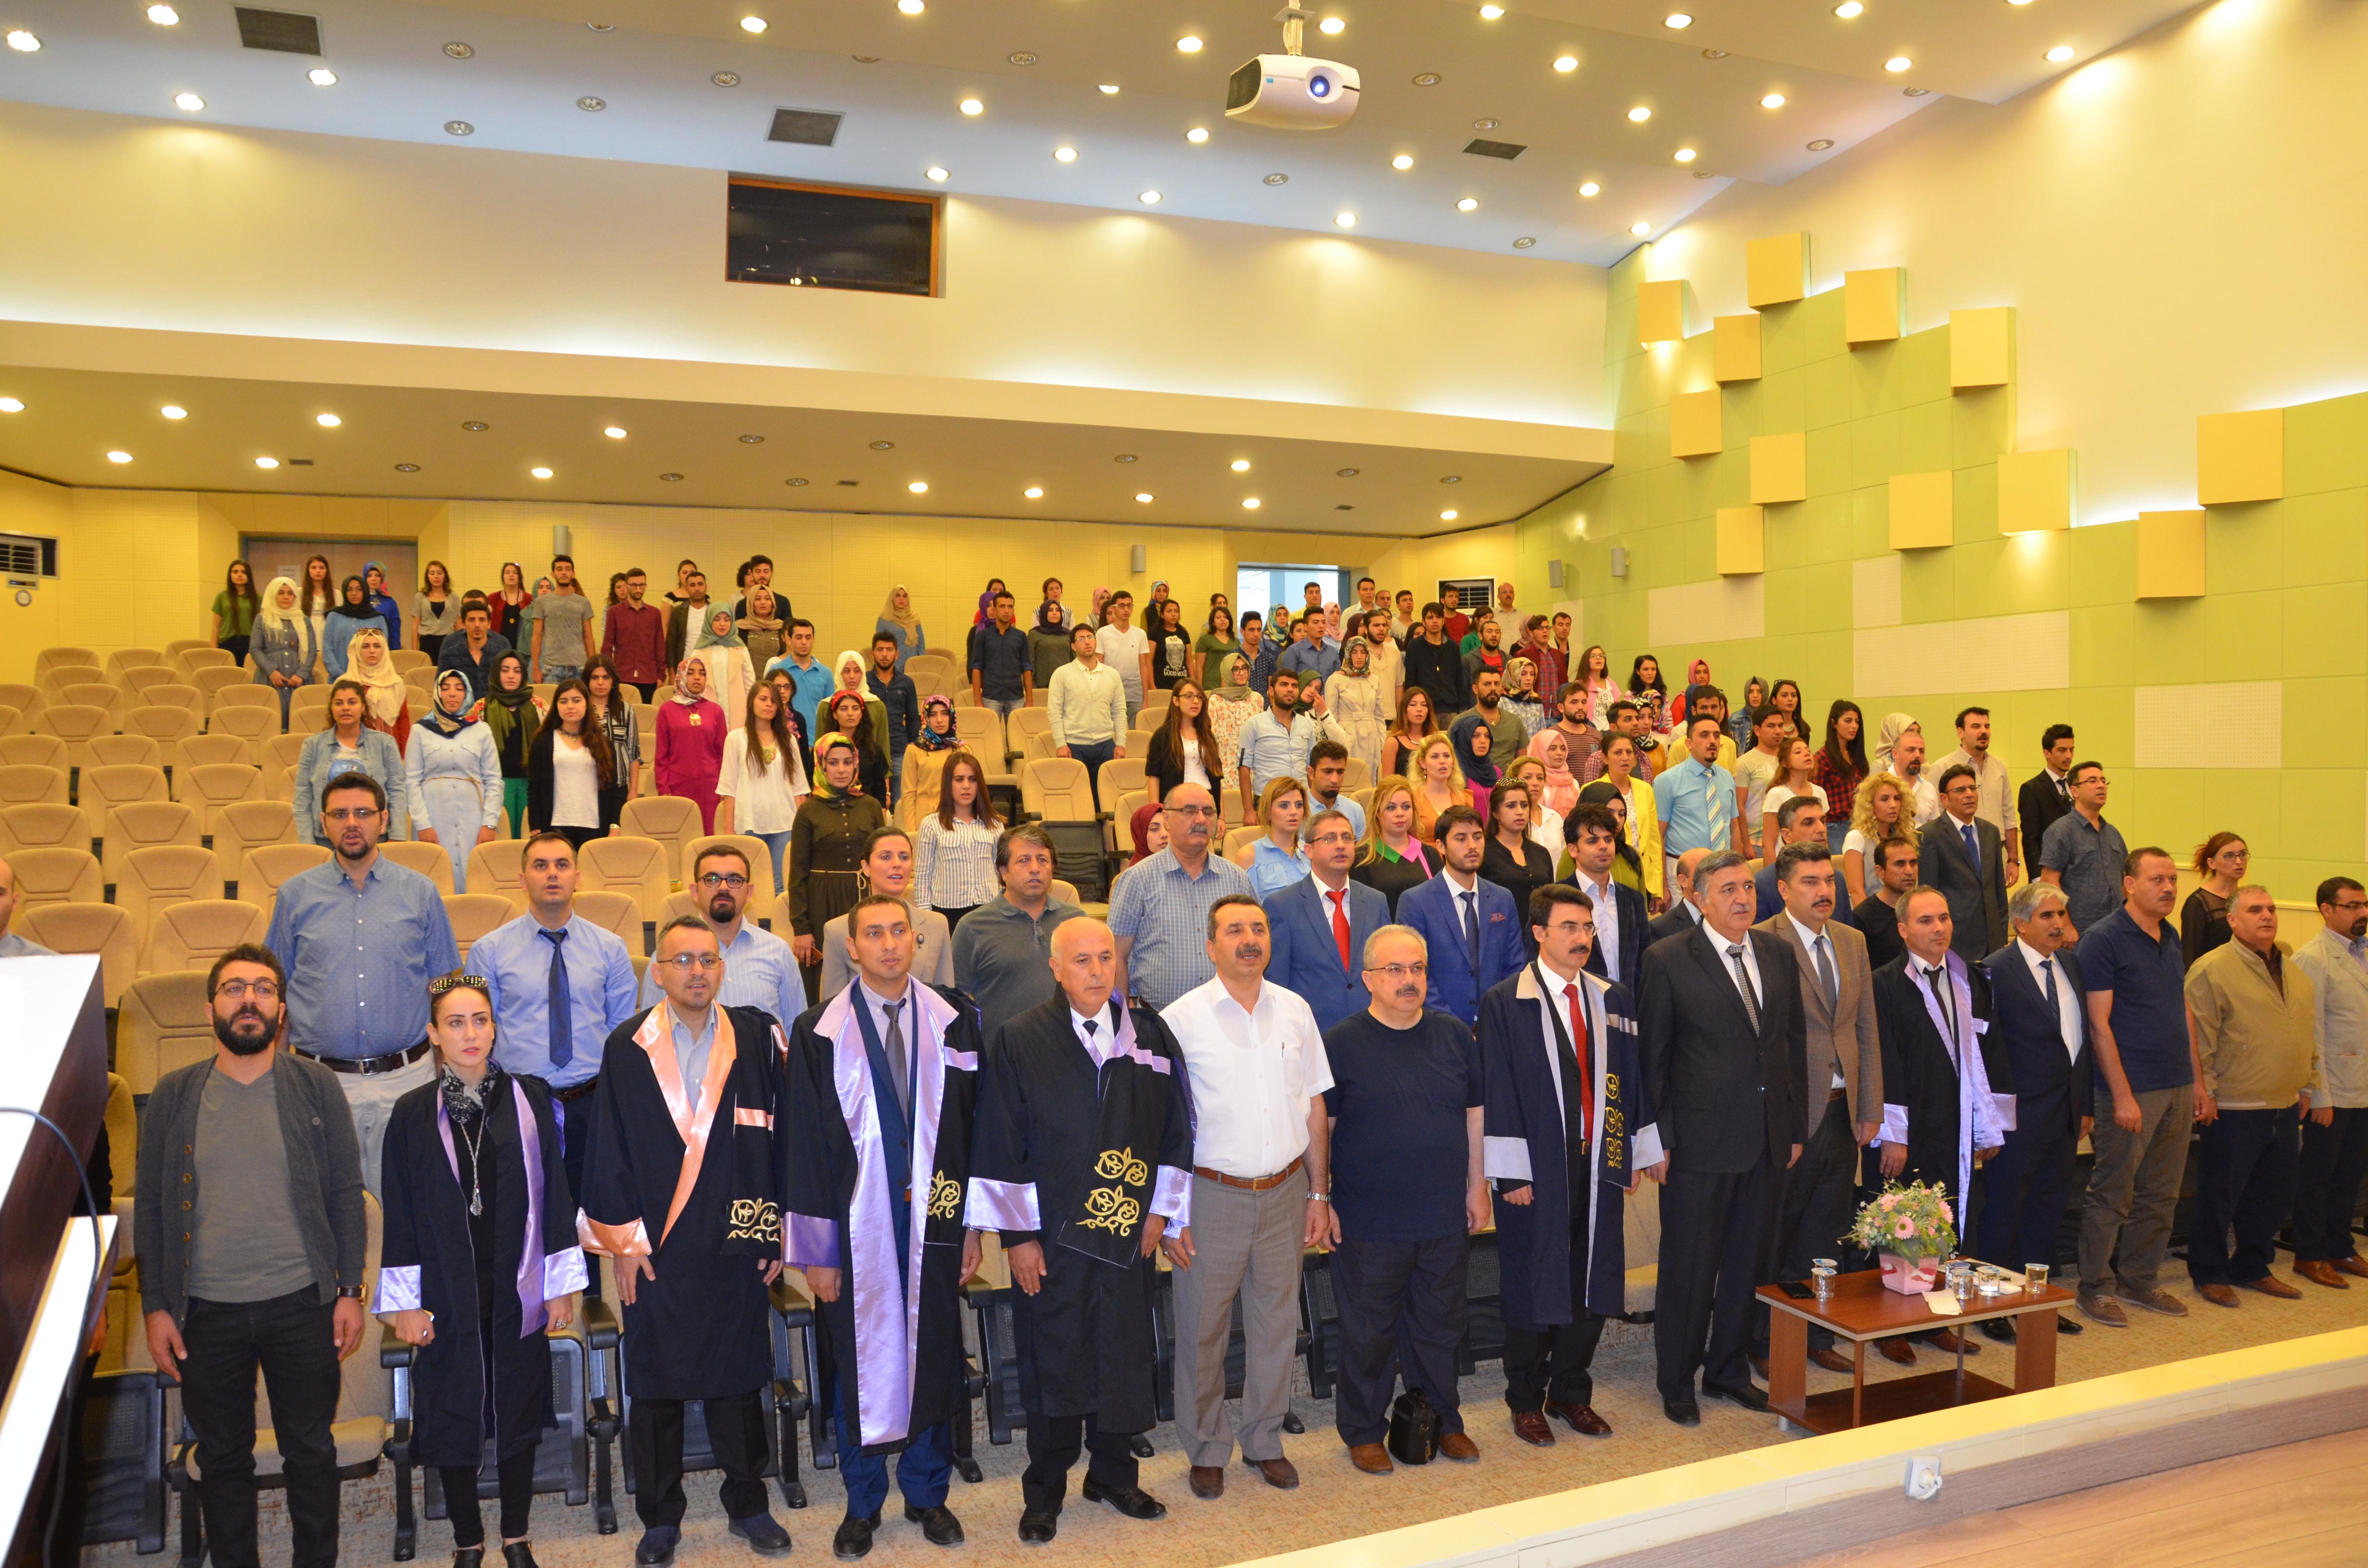 Harran Üniversitesinde Akademik Yıl Açılış Programı Düzenlendi